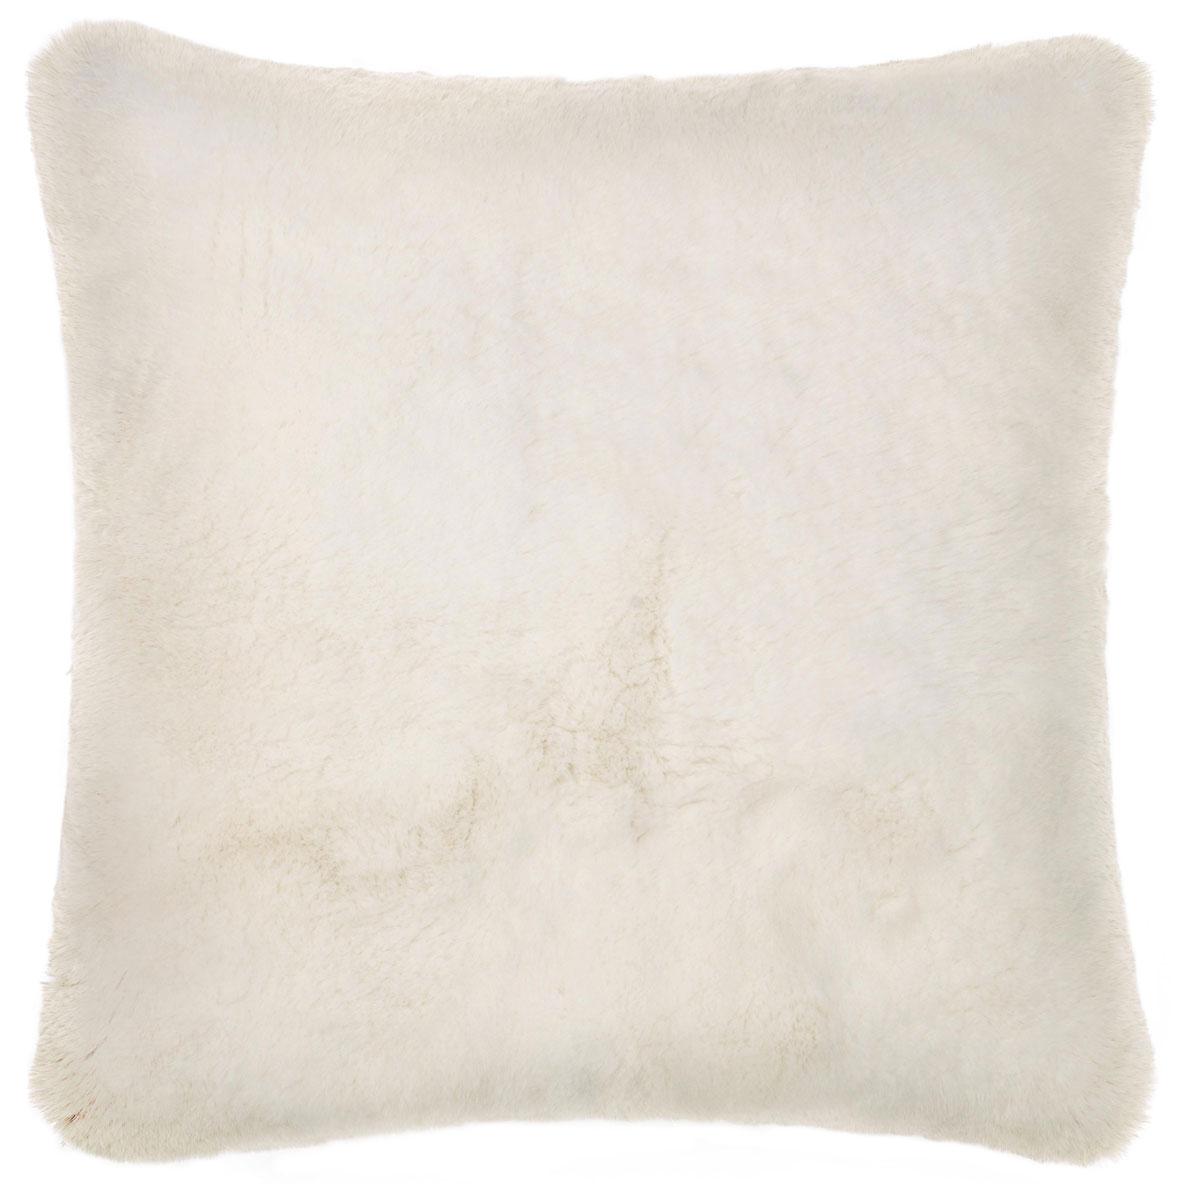 Подушка декоративная Togas Фостер, цвет: белый, 40 х 40 см20.03.10.0097Декоративная подушка Фостер. Цвет: белый. Состав: 100% мех рекс, замша. Комплектация: декоративная наволочка - 1, подушка - 1. Размер:40 x 40 см. Уход: не стирать, не отбеливать, не гладить, сухая чистка, не сушить.